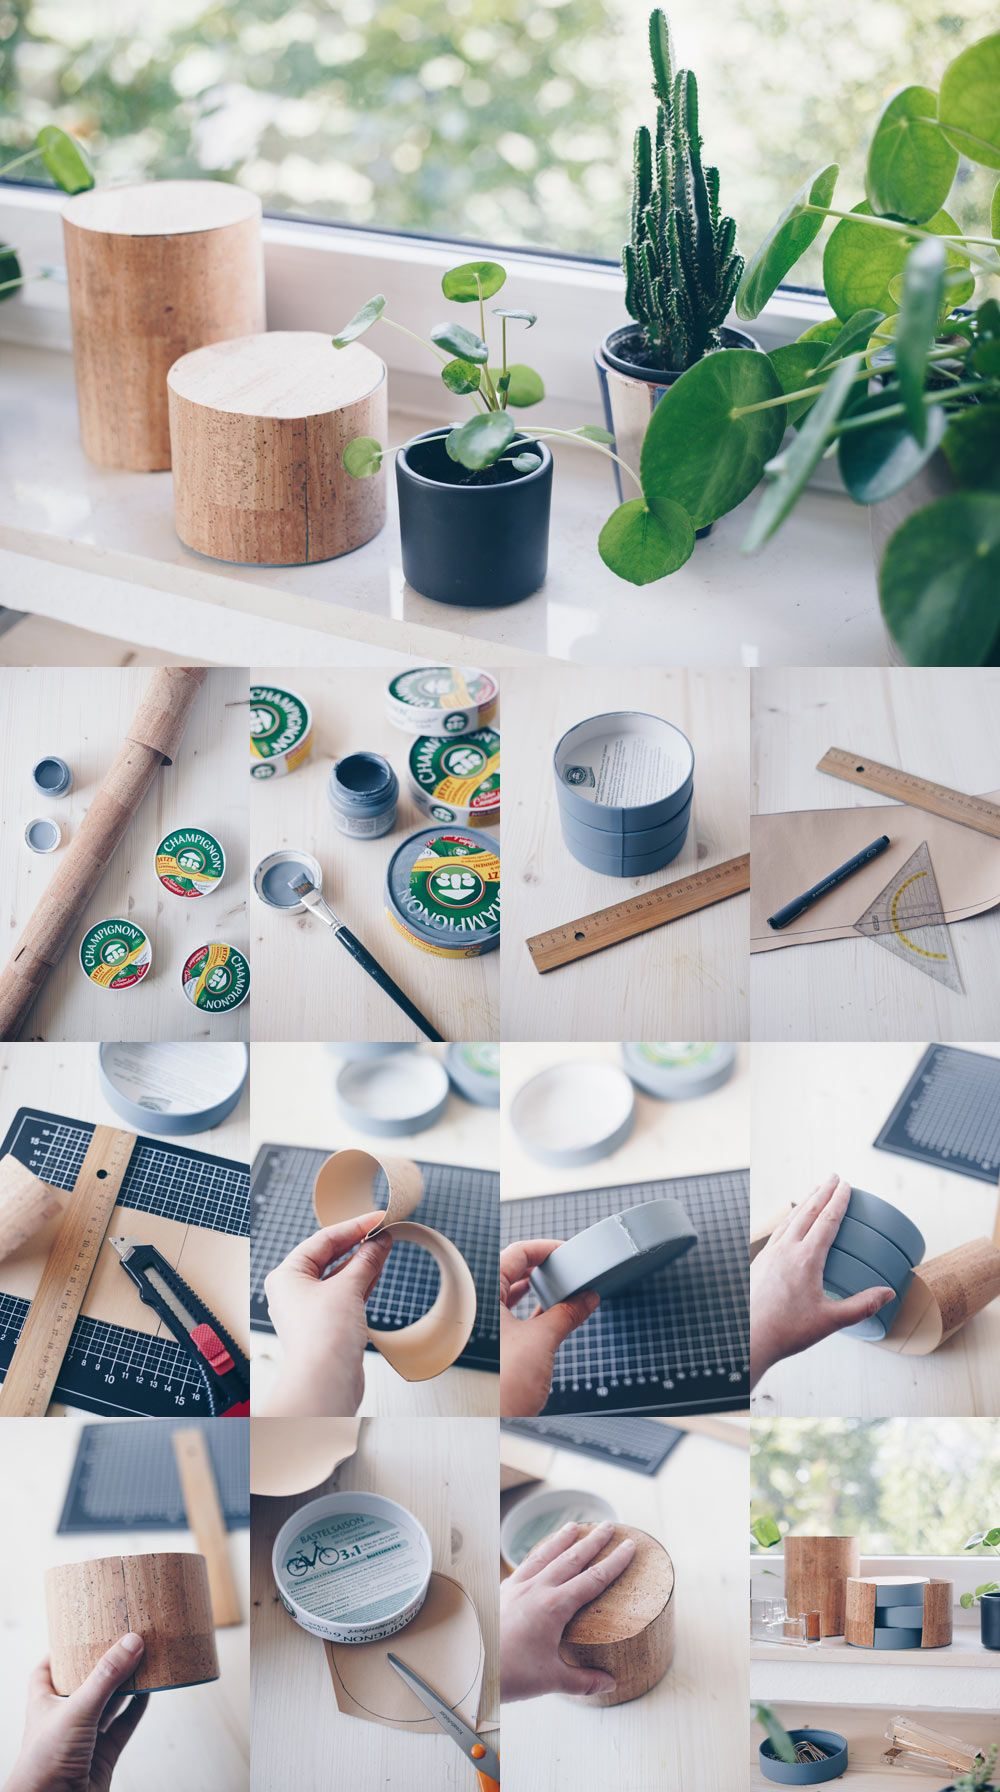 DIY Büro Organizer - Upcycling aus Camembert Schachteln - mit Kork